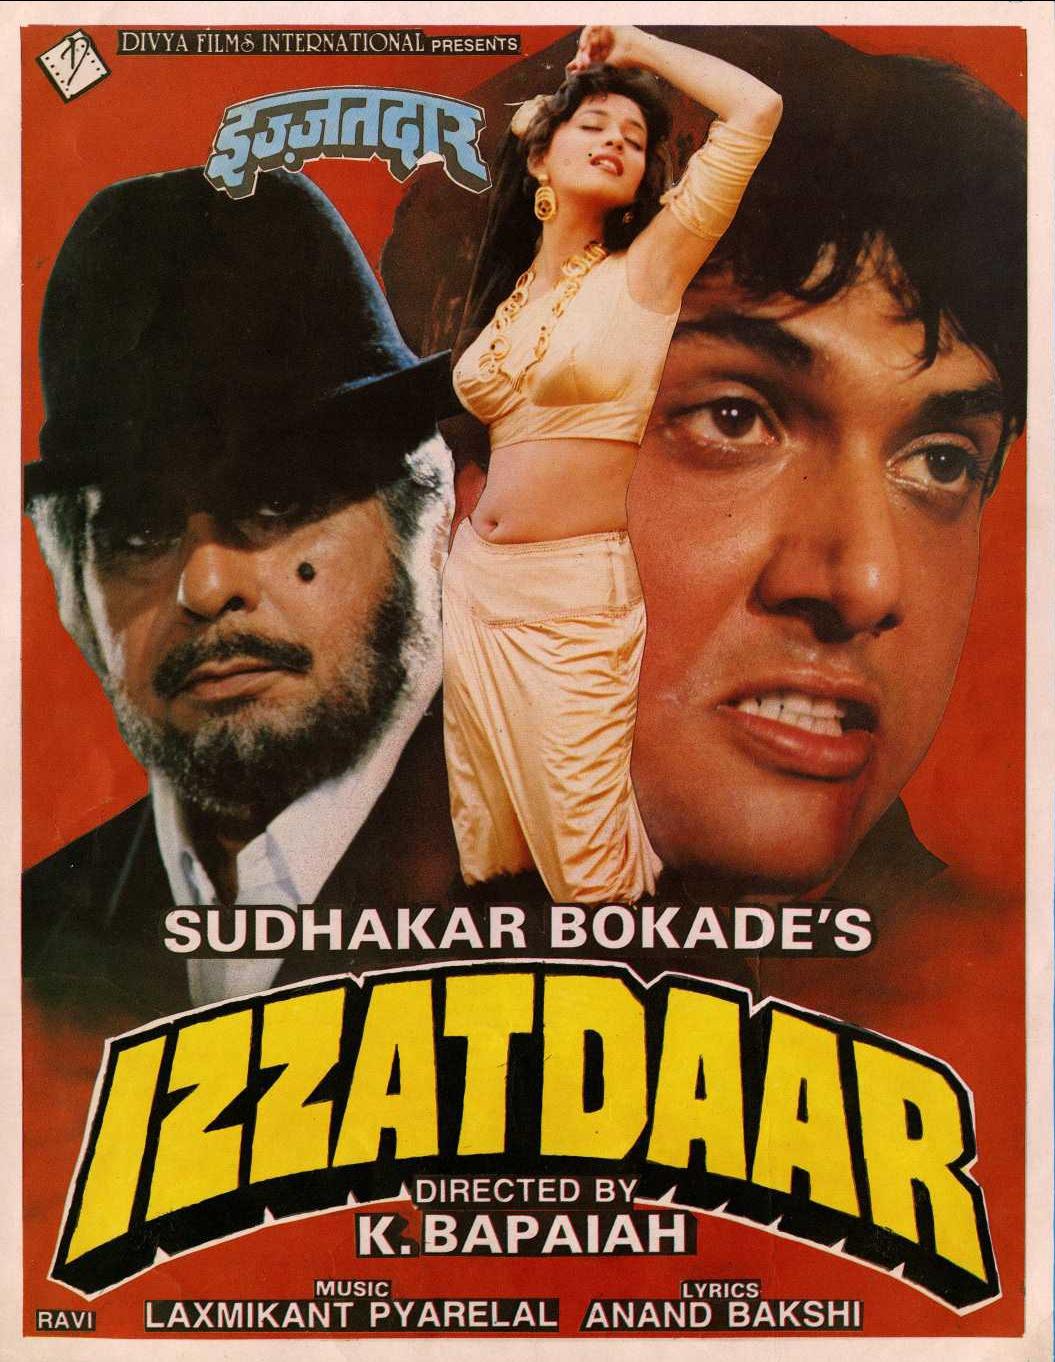 Izzatdaar (1990) - IMDb